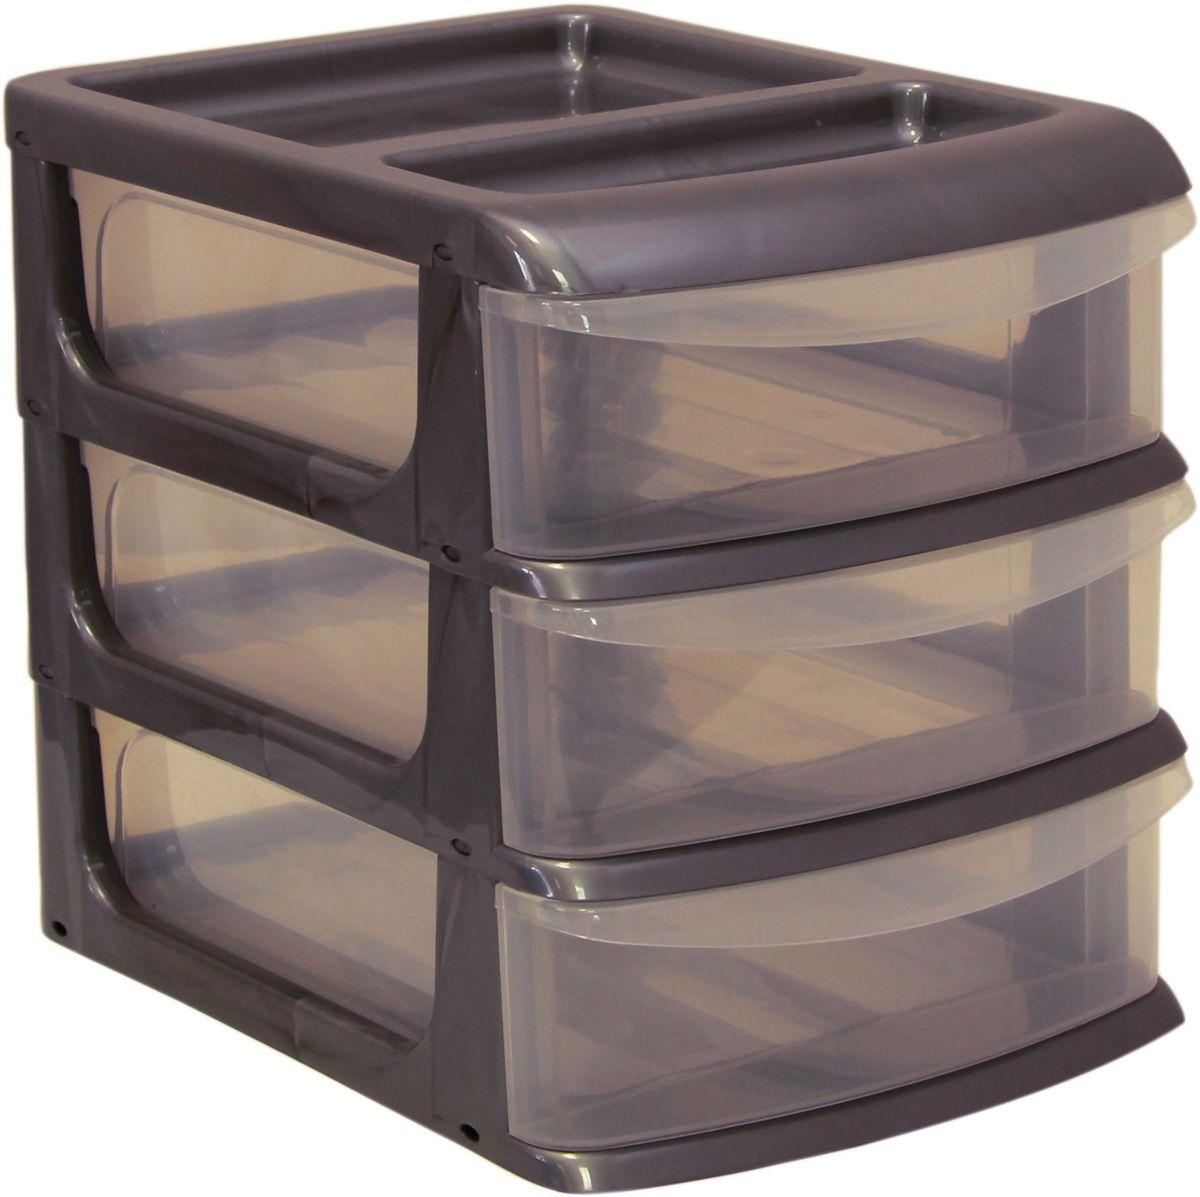 Бокс универсальный Idea, цвет: металлик, 25 х 34 х 28 см, 3 секцииМ 2767Универсальный бокс Idea выполнен из высококачественного пластика и имеет три удобные выдвижные секции. Бокс предназначен для хранения предметов шитья, рукоделия, хобби и всех необходимых мелочей. Изделие позволит компактно хранить вещи, поддерживая порядок и уют в вашем доме. Размер секции: 25 х 32 х 7 см.